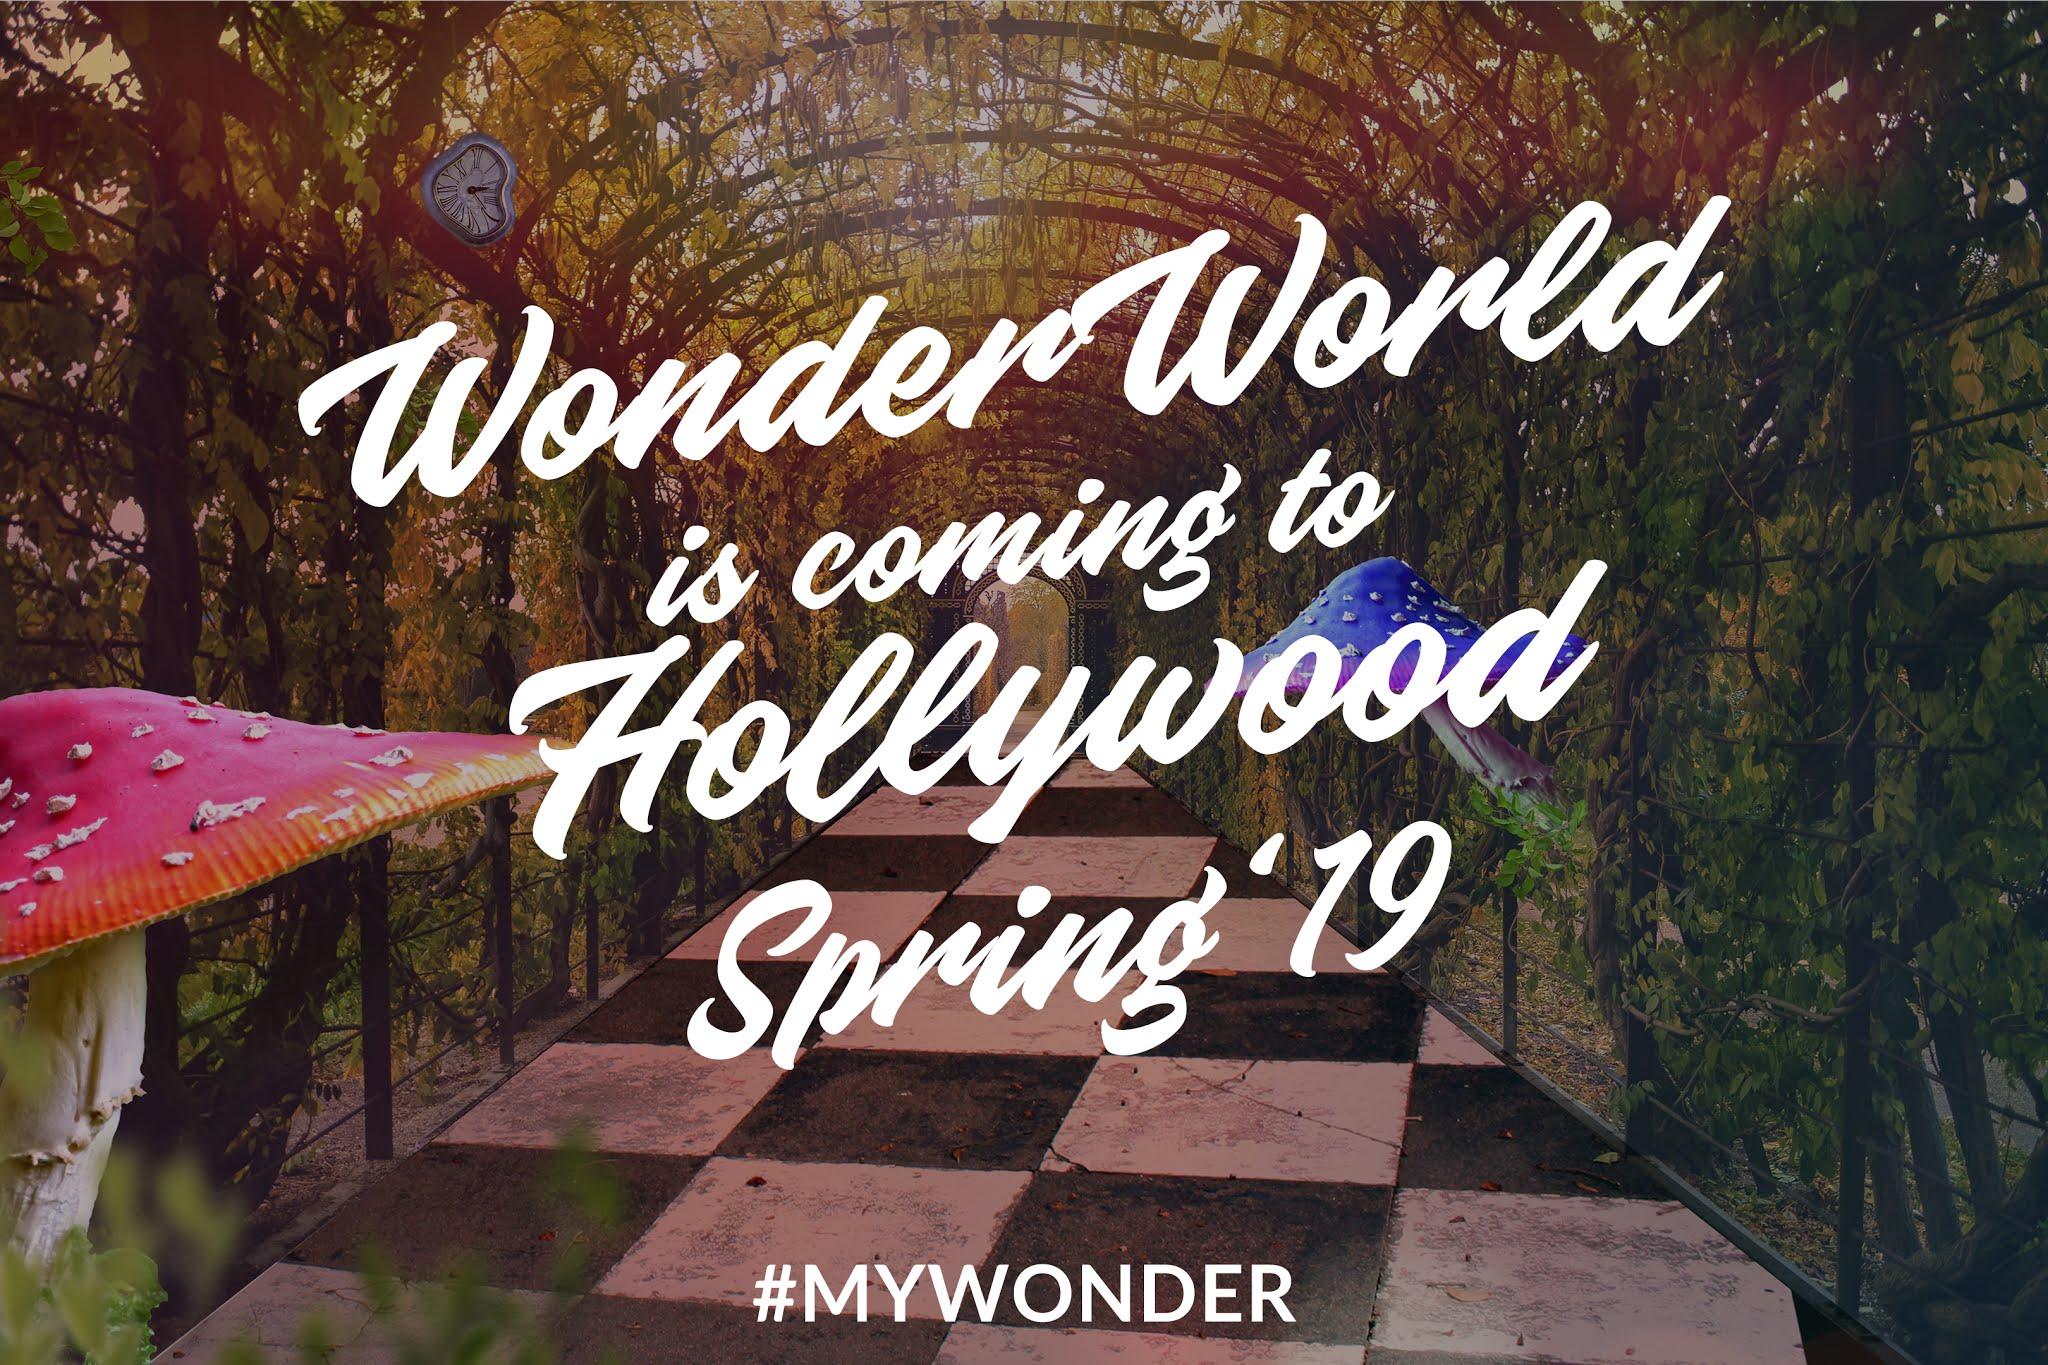 @WonderWorldSpace